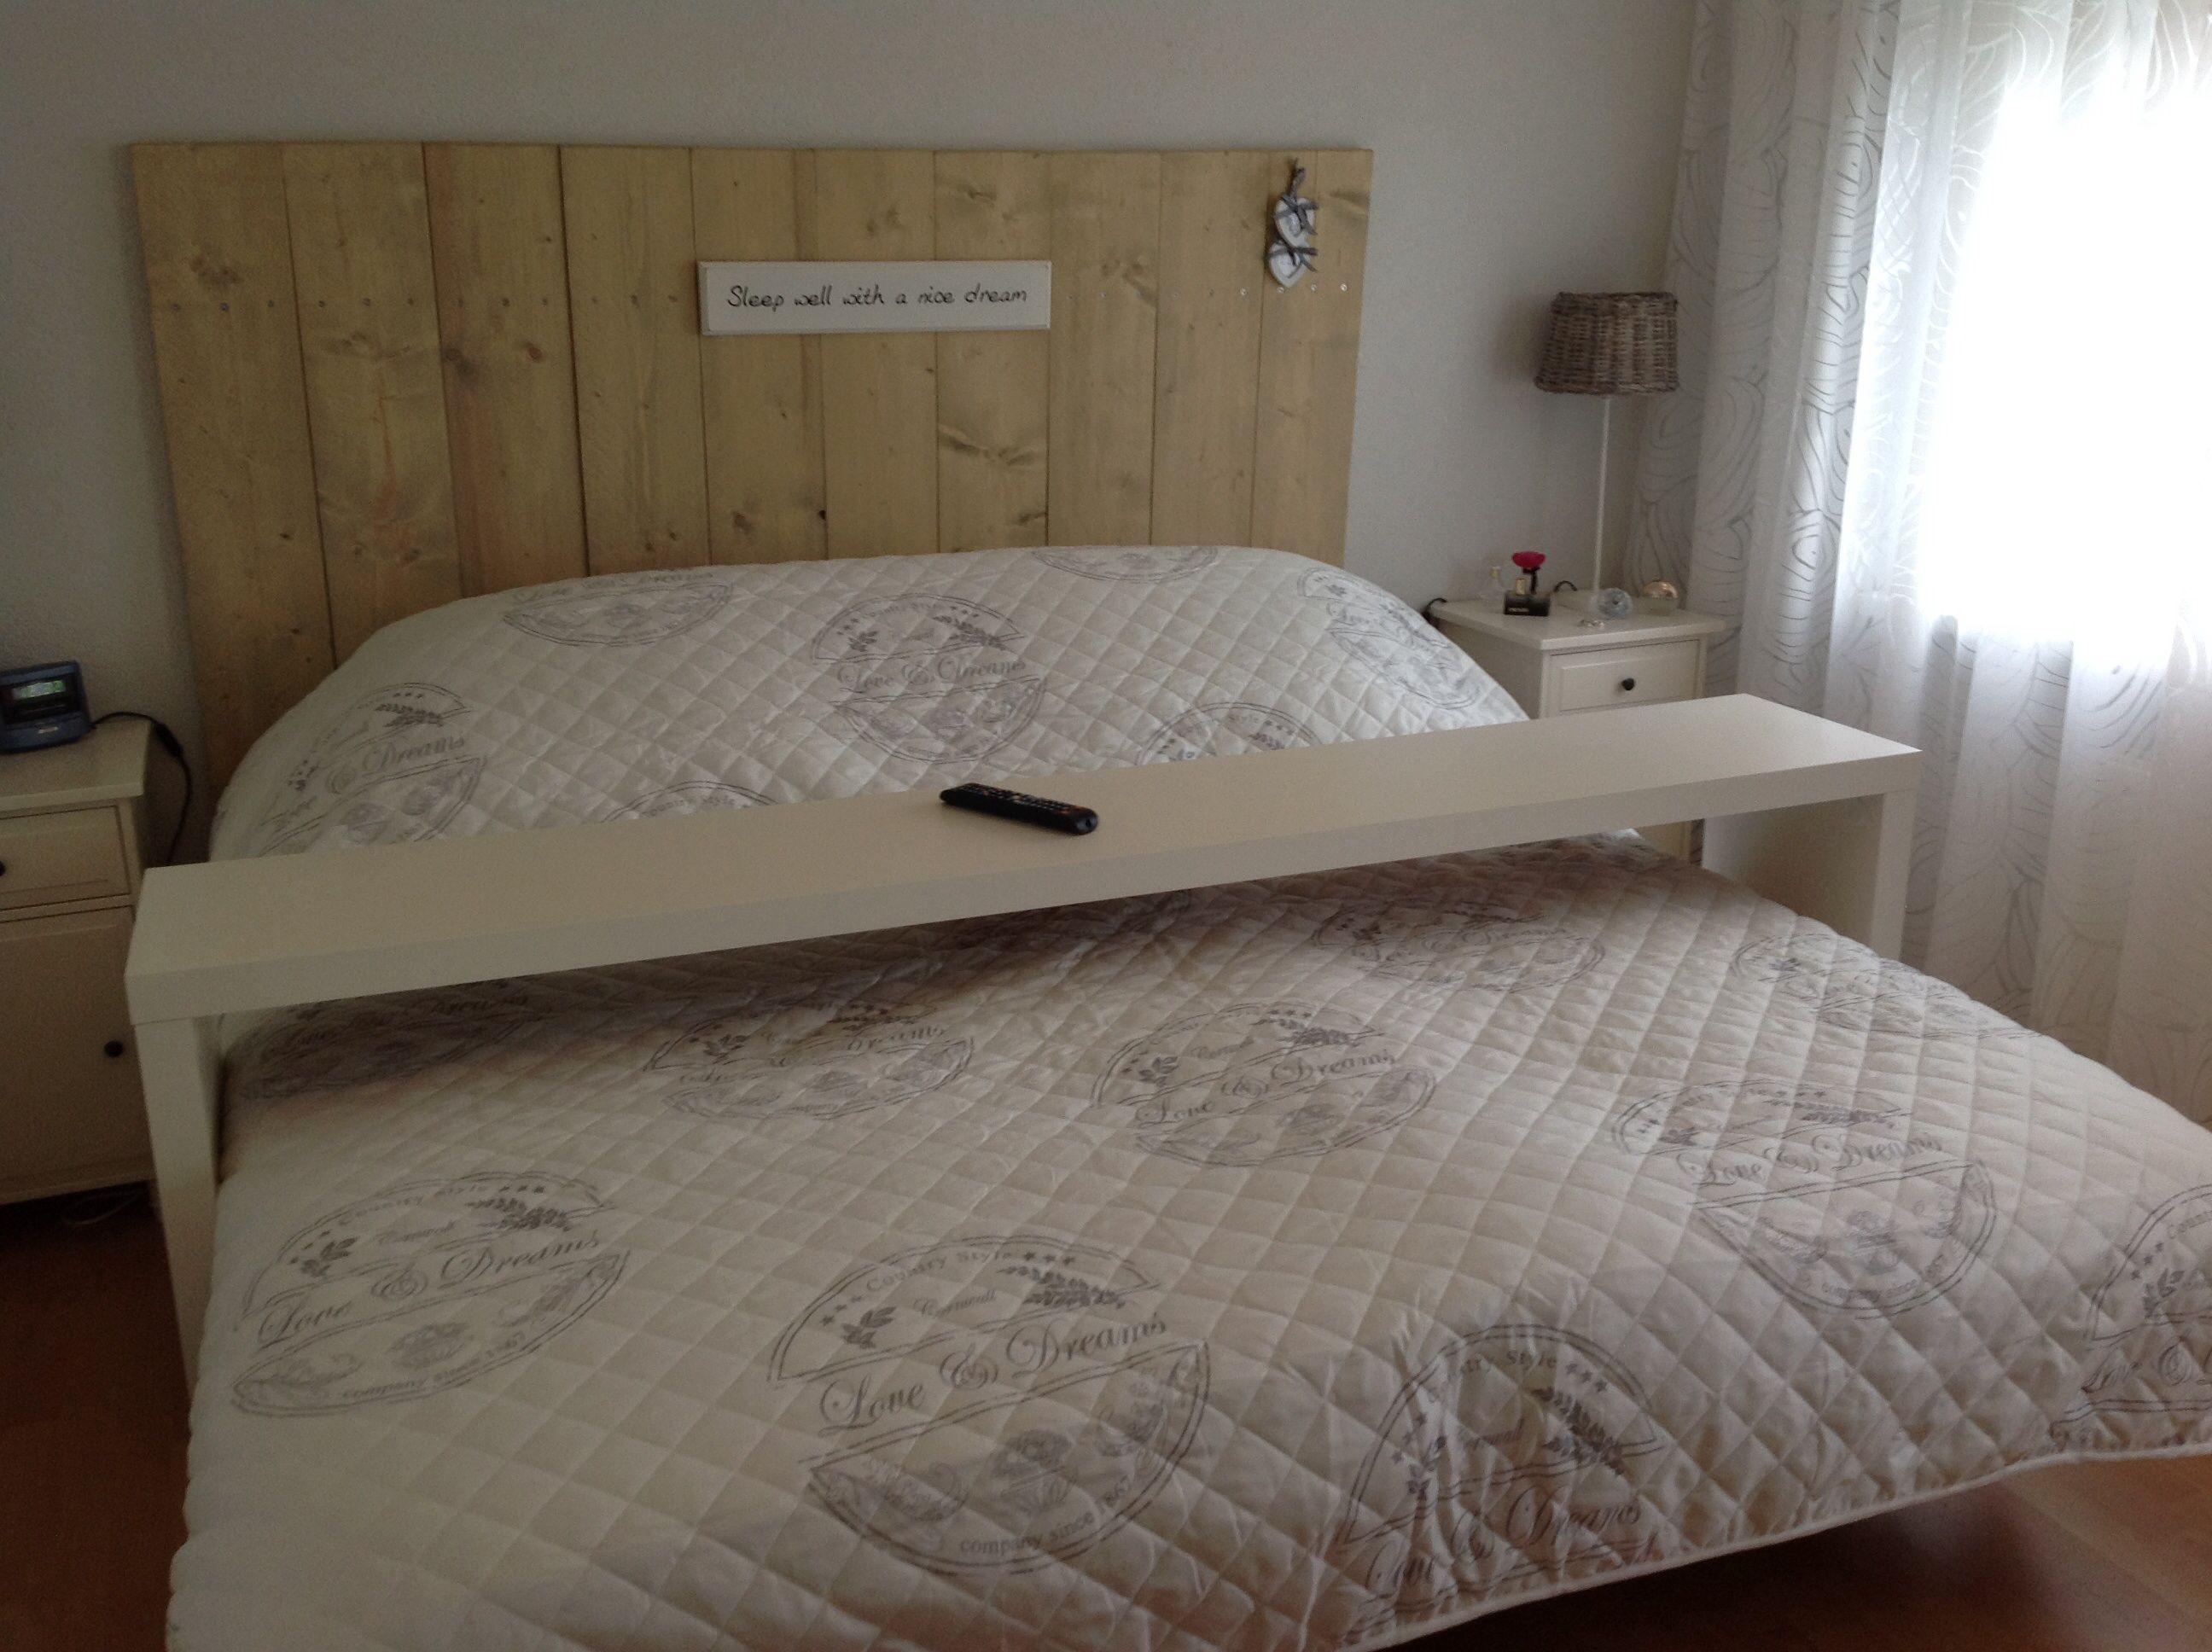 achterwand bed slaapkamer - Google zoeken - Slaapkamer ideeën ...